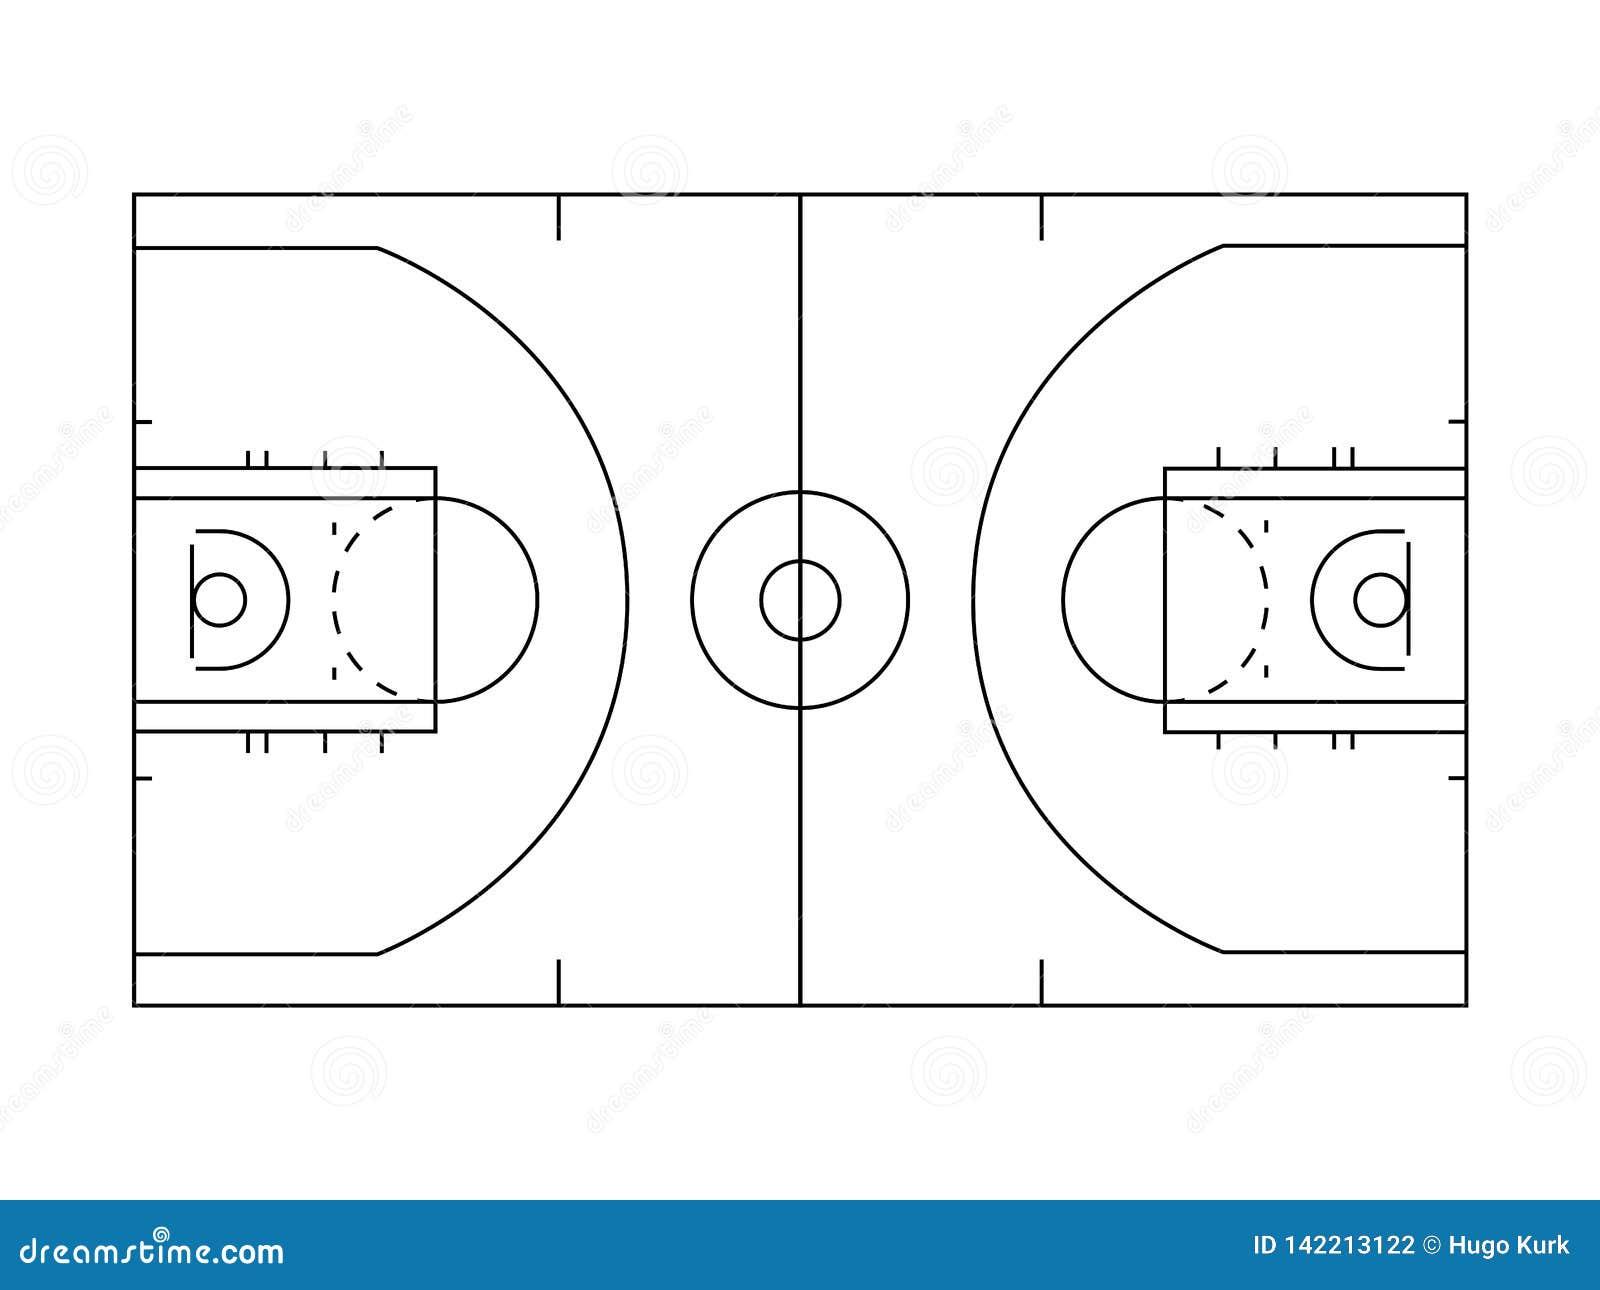 Líneas de la descripción de la cancha de básquet en blanco y negro